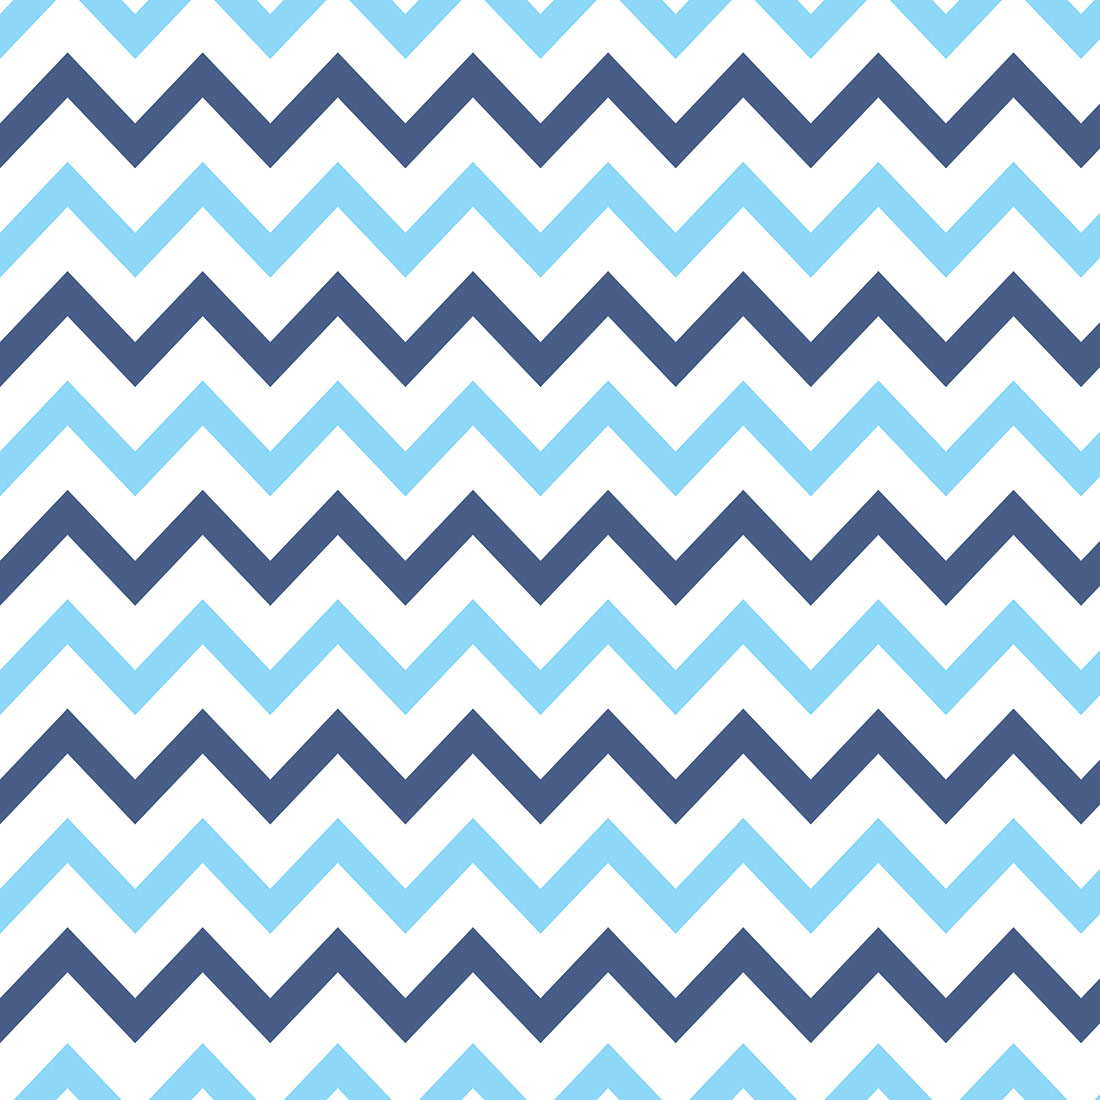 Papel de Parede Chevron Azul Claro e Azul Marinho